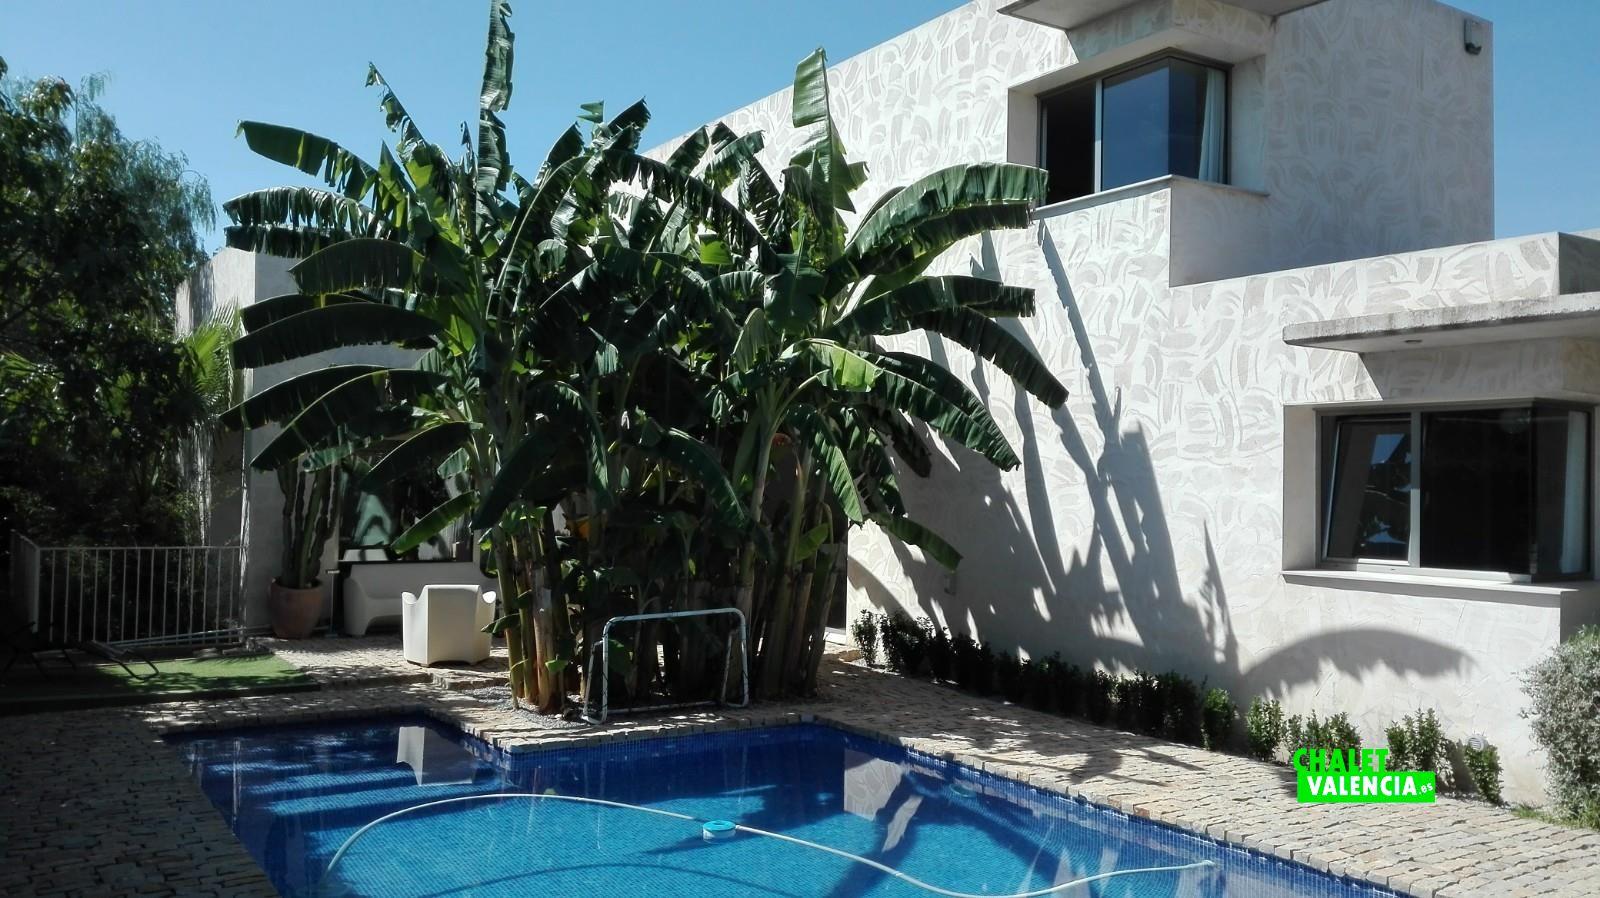 Villa de luxe moderne torre conill betera chalet valencia for Calcul chauffage piscine